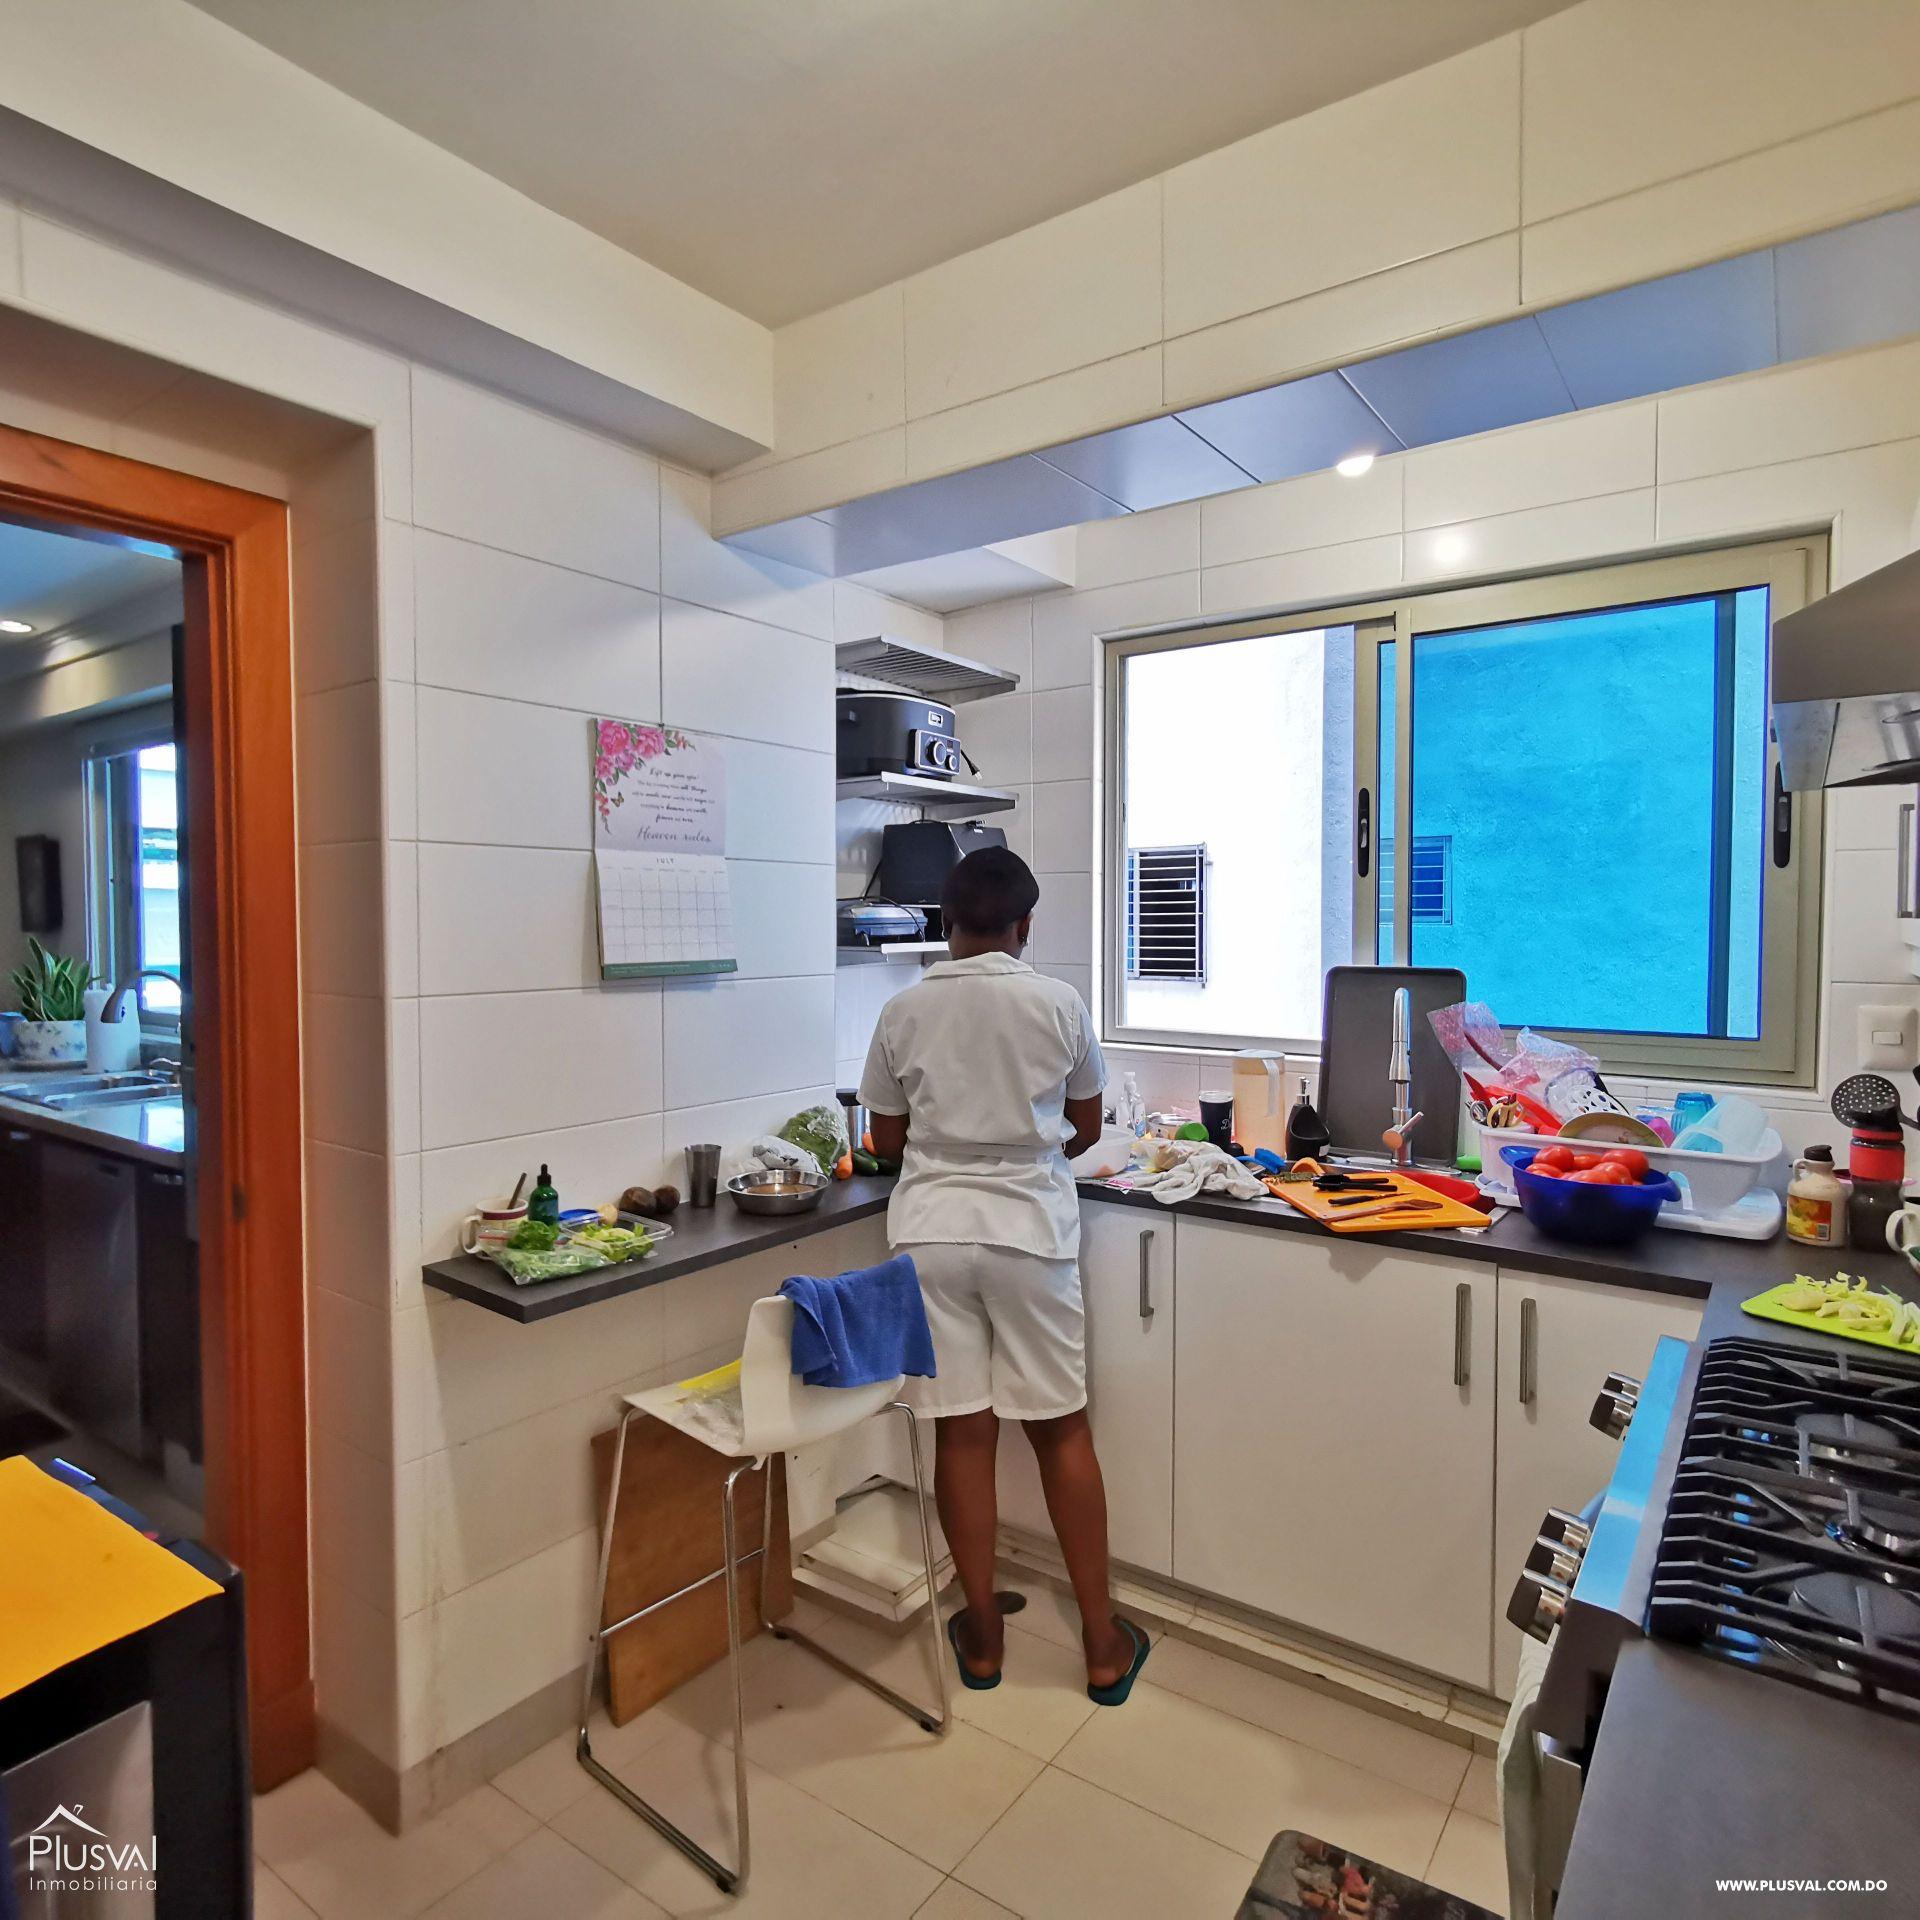 Venta de Apartamento en Piantini en Exclusiva Torre de Sólo 9 Apartamentos 184127